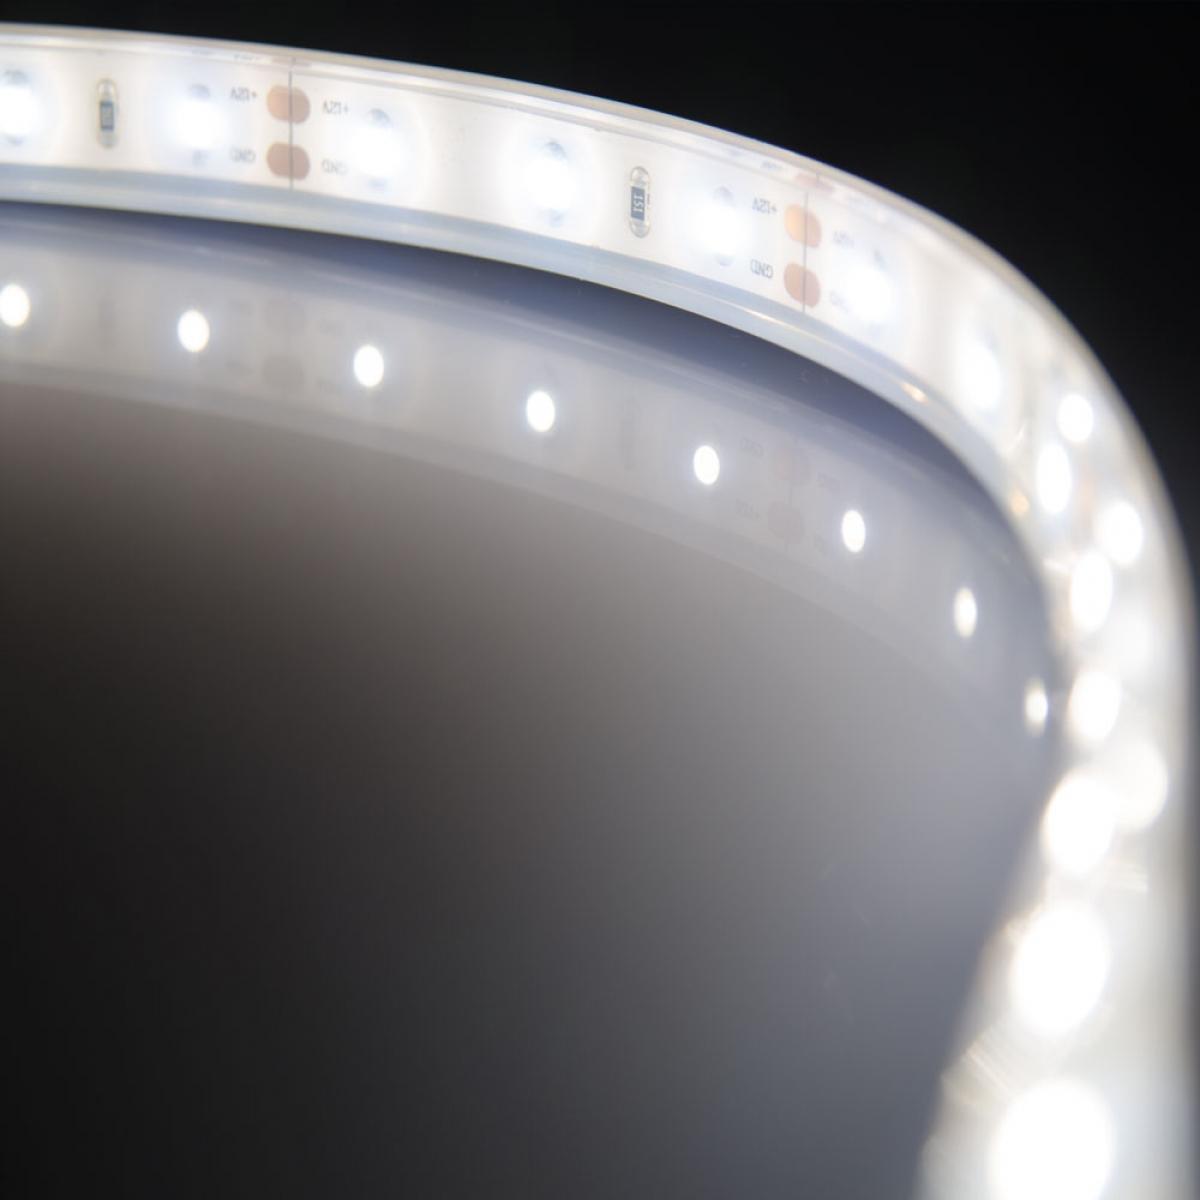 led streifen 12 v dc flexibel selbstklebend 1 m mit anschlusskabel ivt hirschau. Black Bedroom Furniture Sets. Home Design Ideas